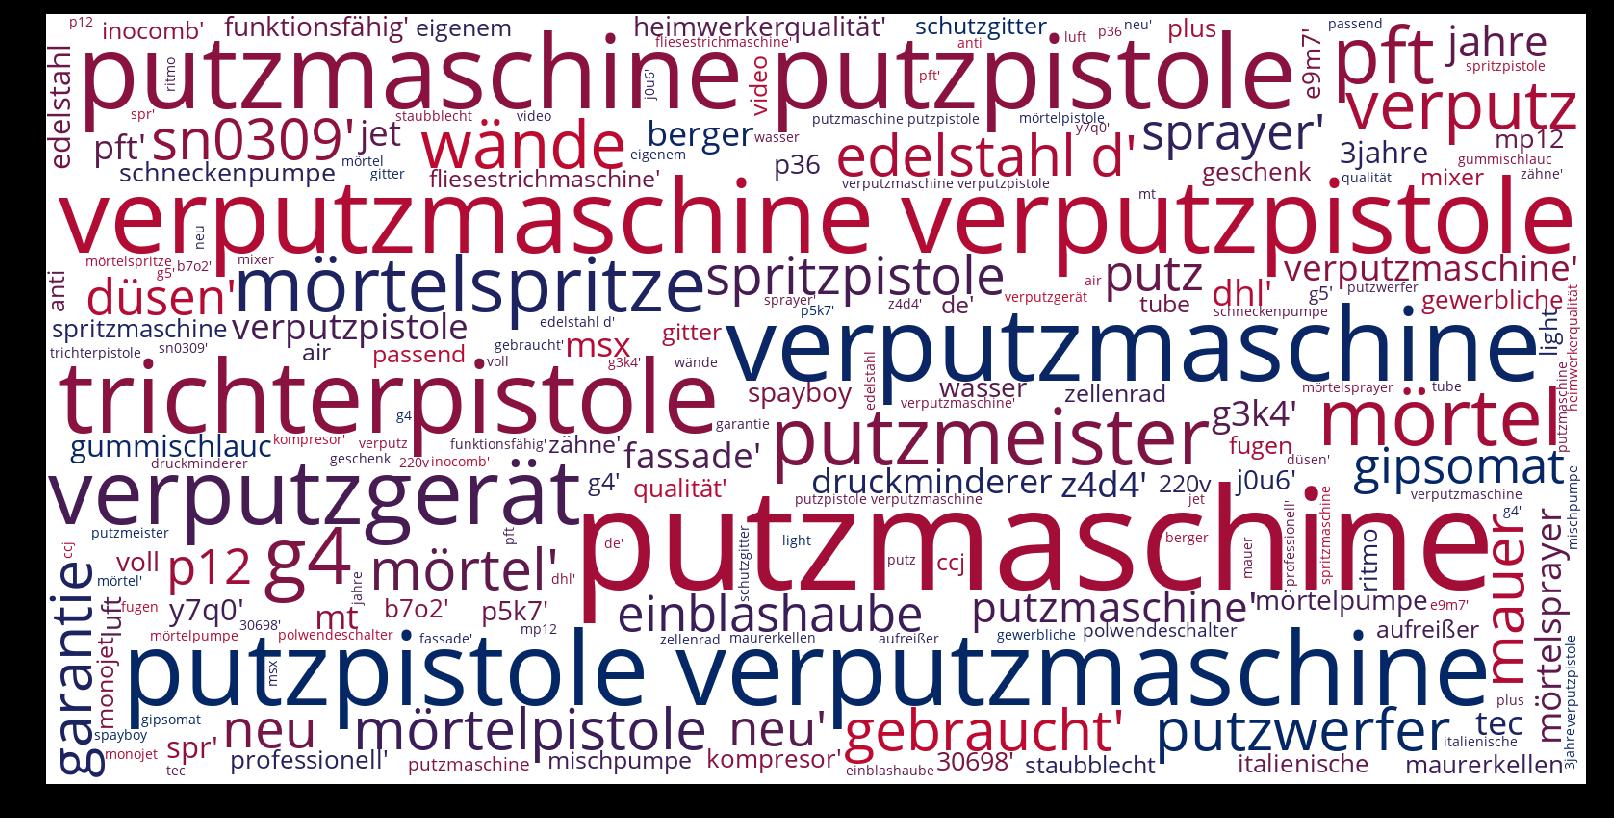 Verputzmaschine-wordcloud